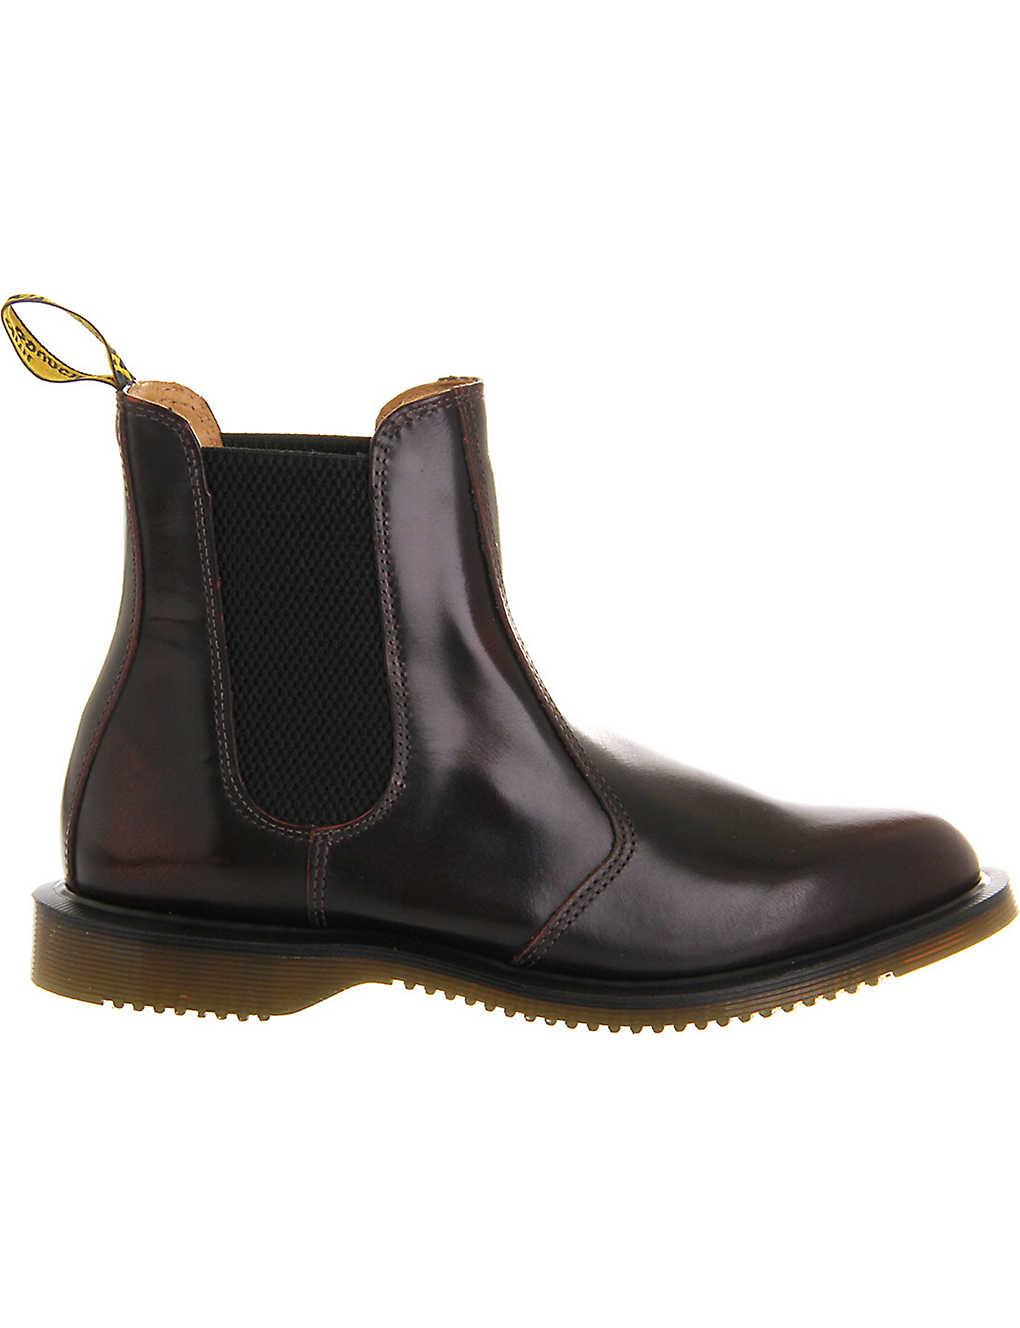 beba0a80e6349 DR. MARTENS - Kensington leather chelsea boots | Selfridges.com